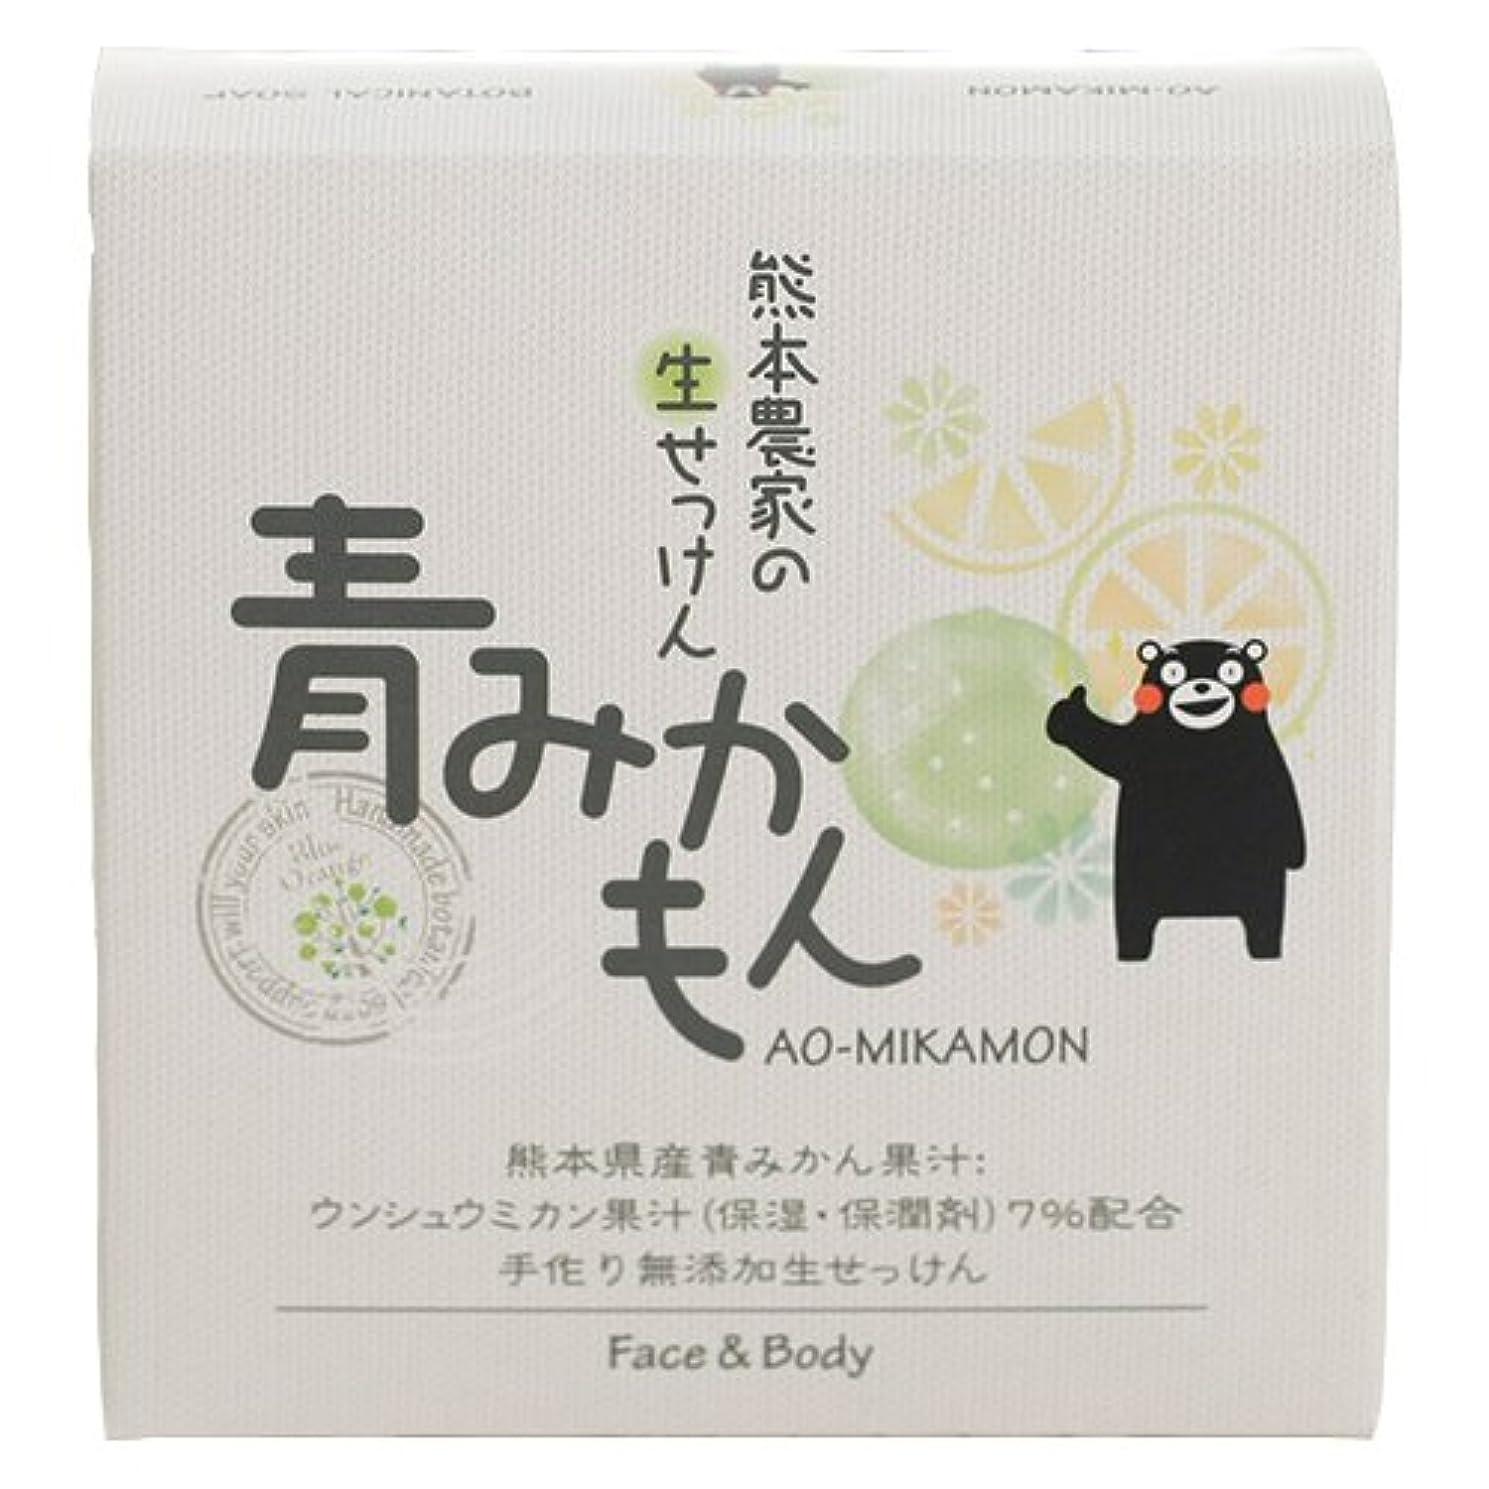 財布ロックスプリットゼネラルリンク 熊本農家の生せっけん 青みかもん 80g 石鹸 柑橘系の自然な香り